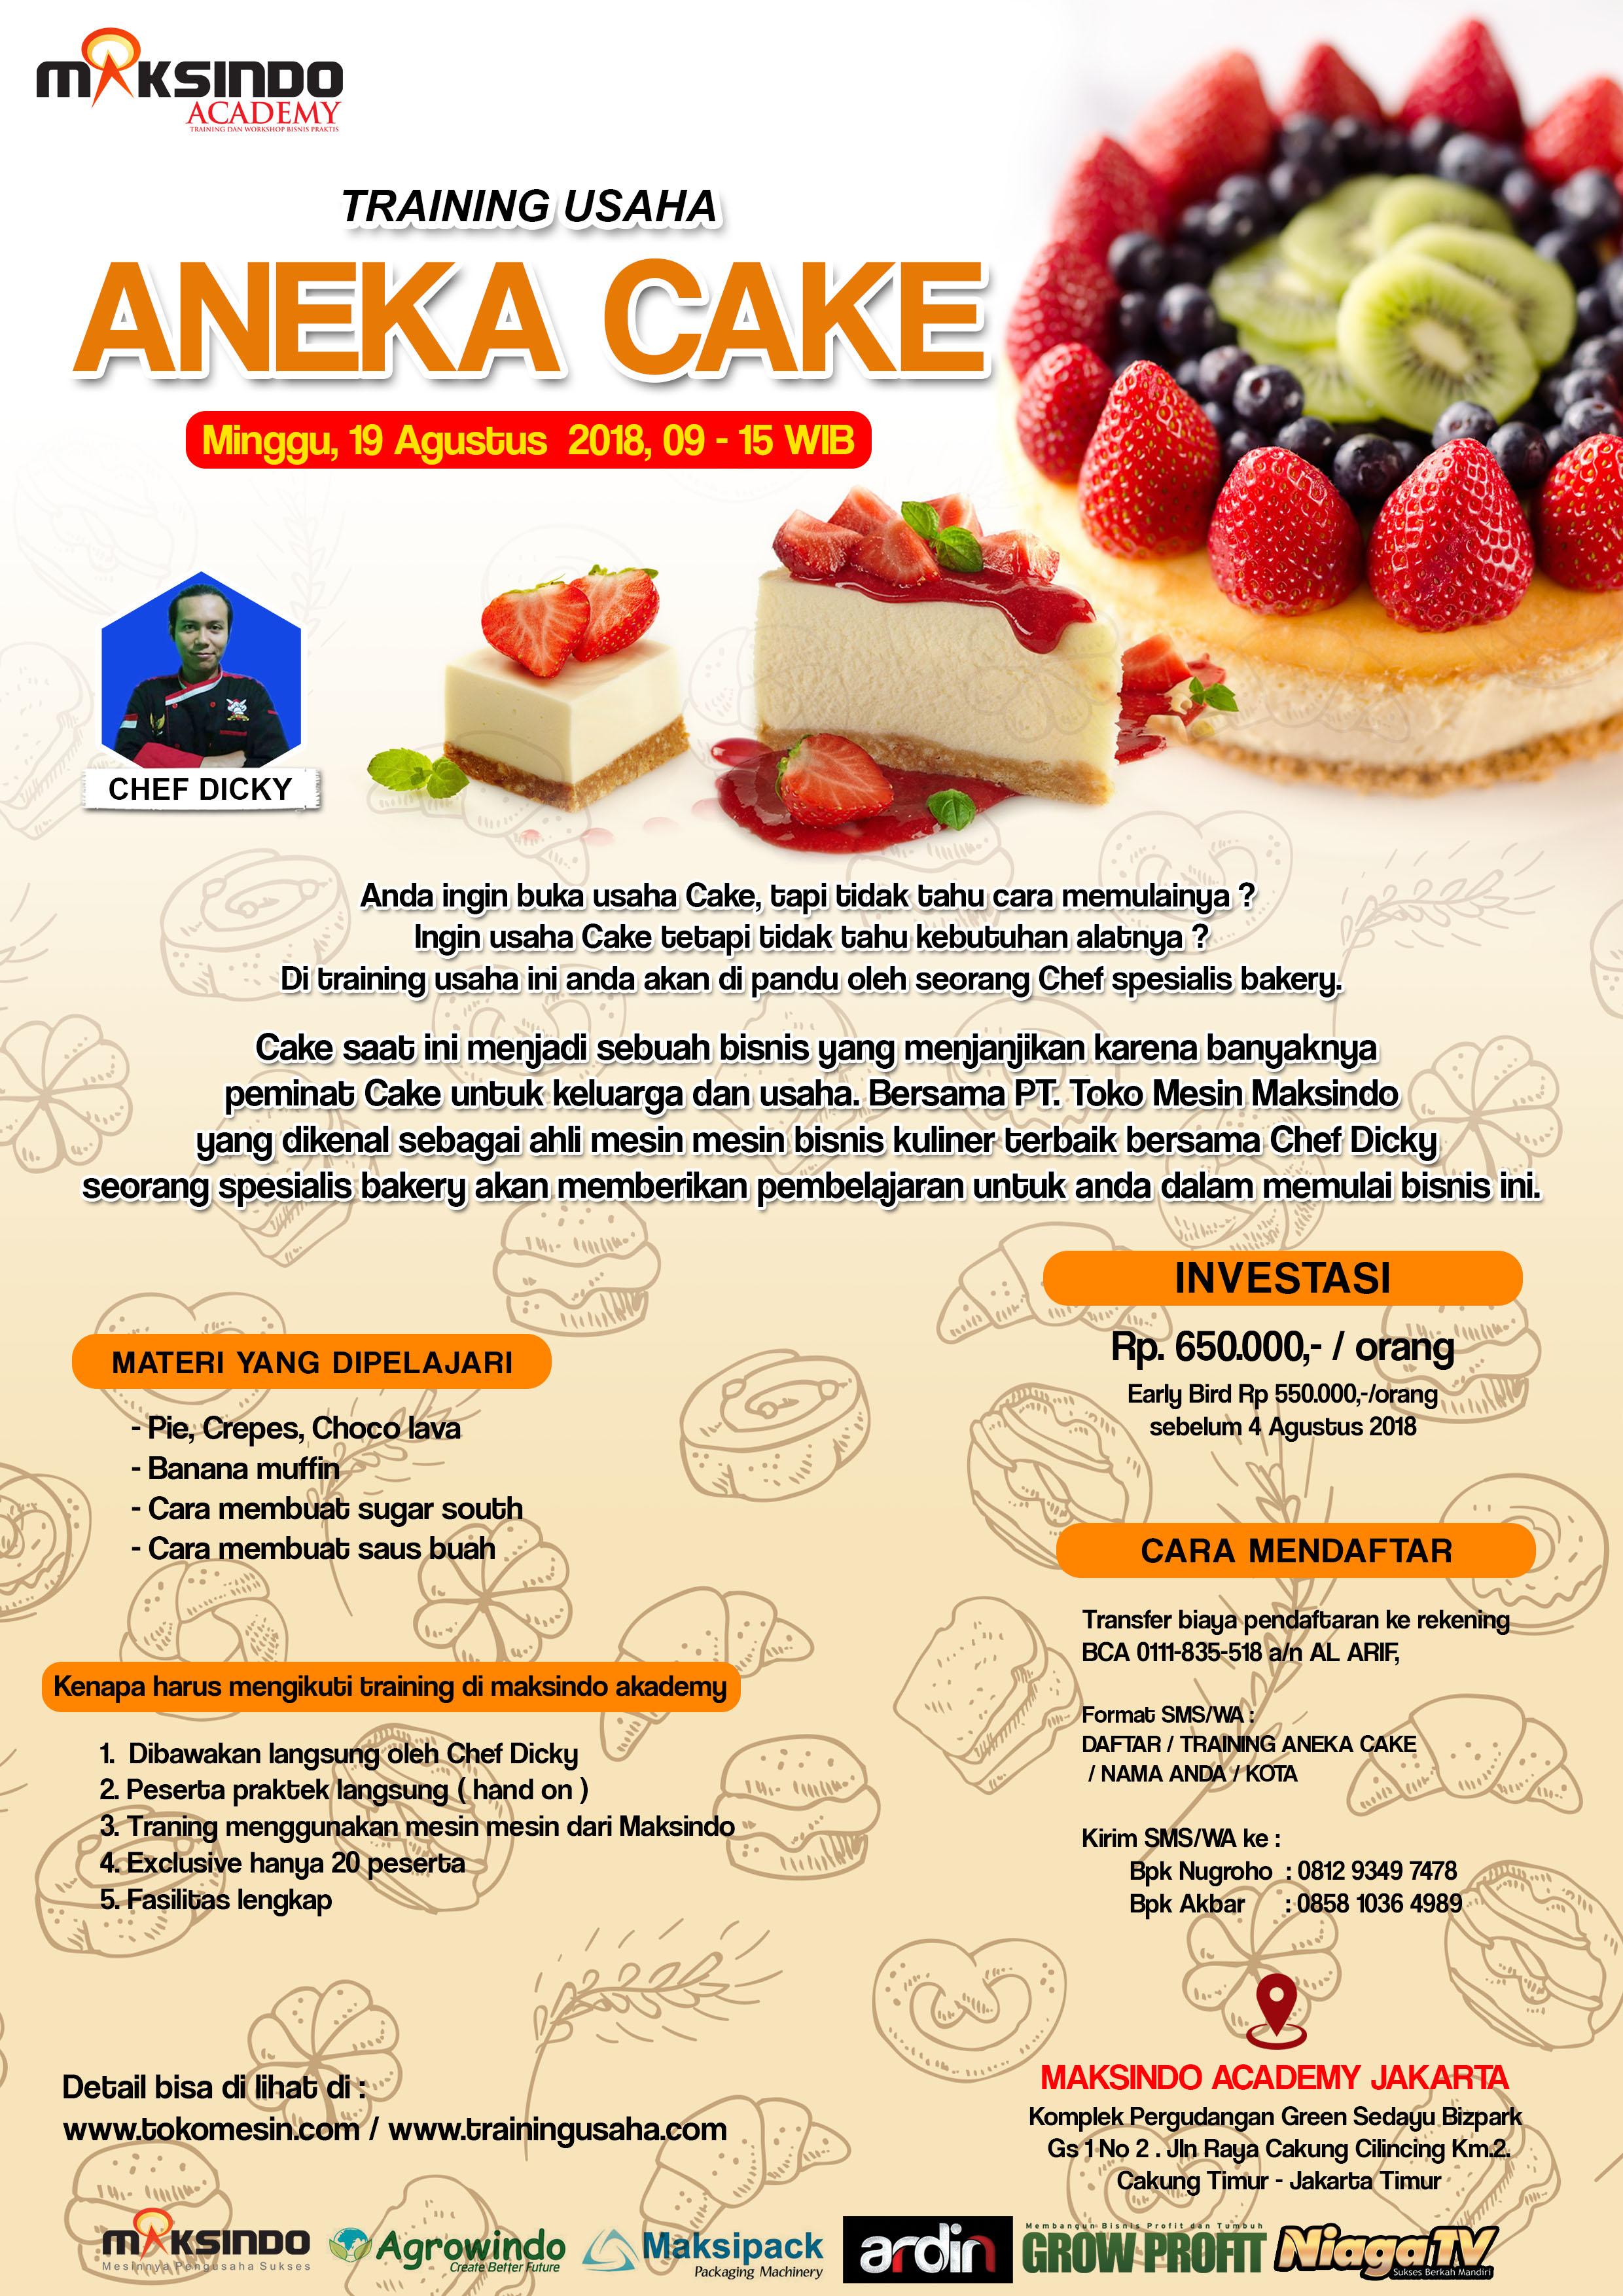 brousur-aneka-cake-5